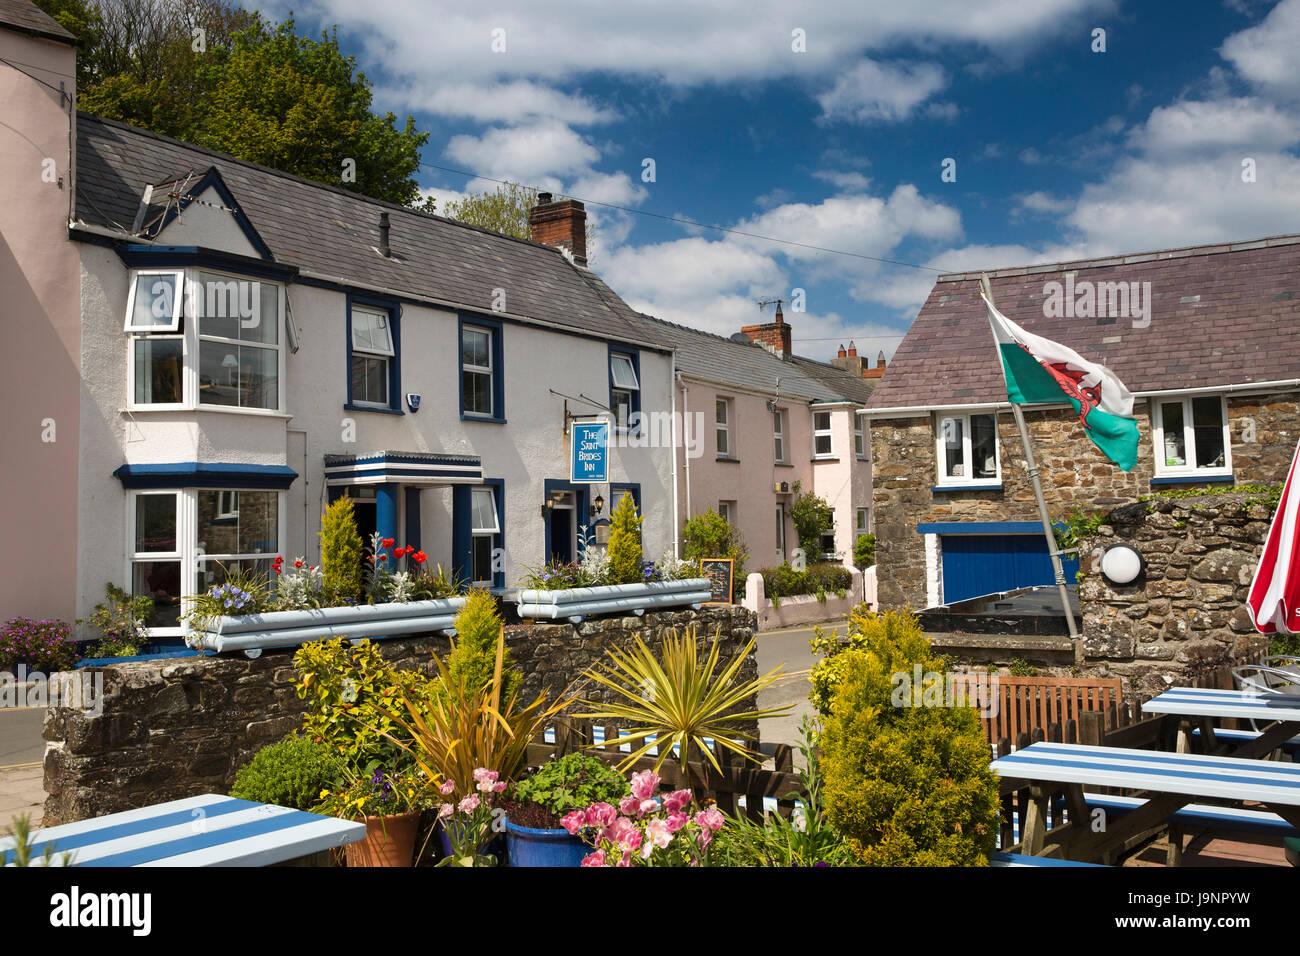 UK, Wales, Pembrokeshire, Little Haven, St Bride's Road, St Bride's Inn public house - Stock Image